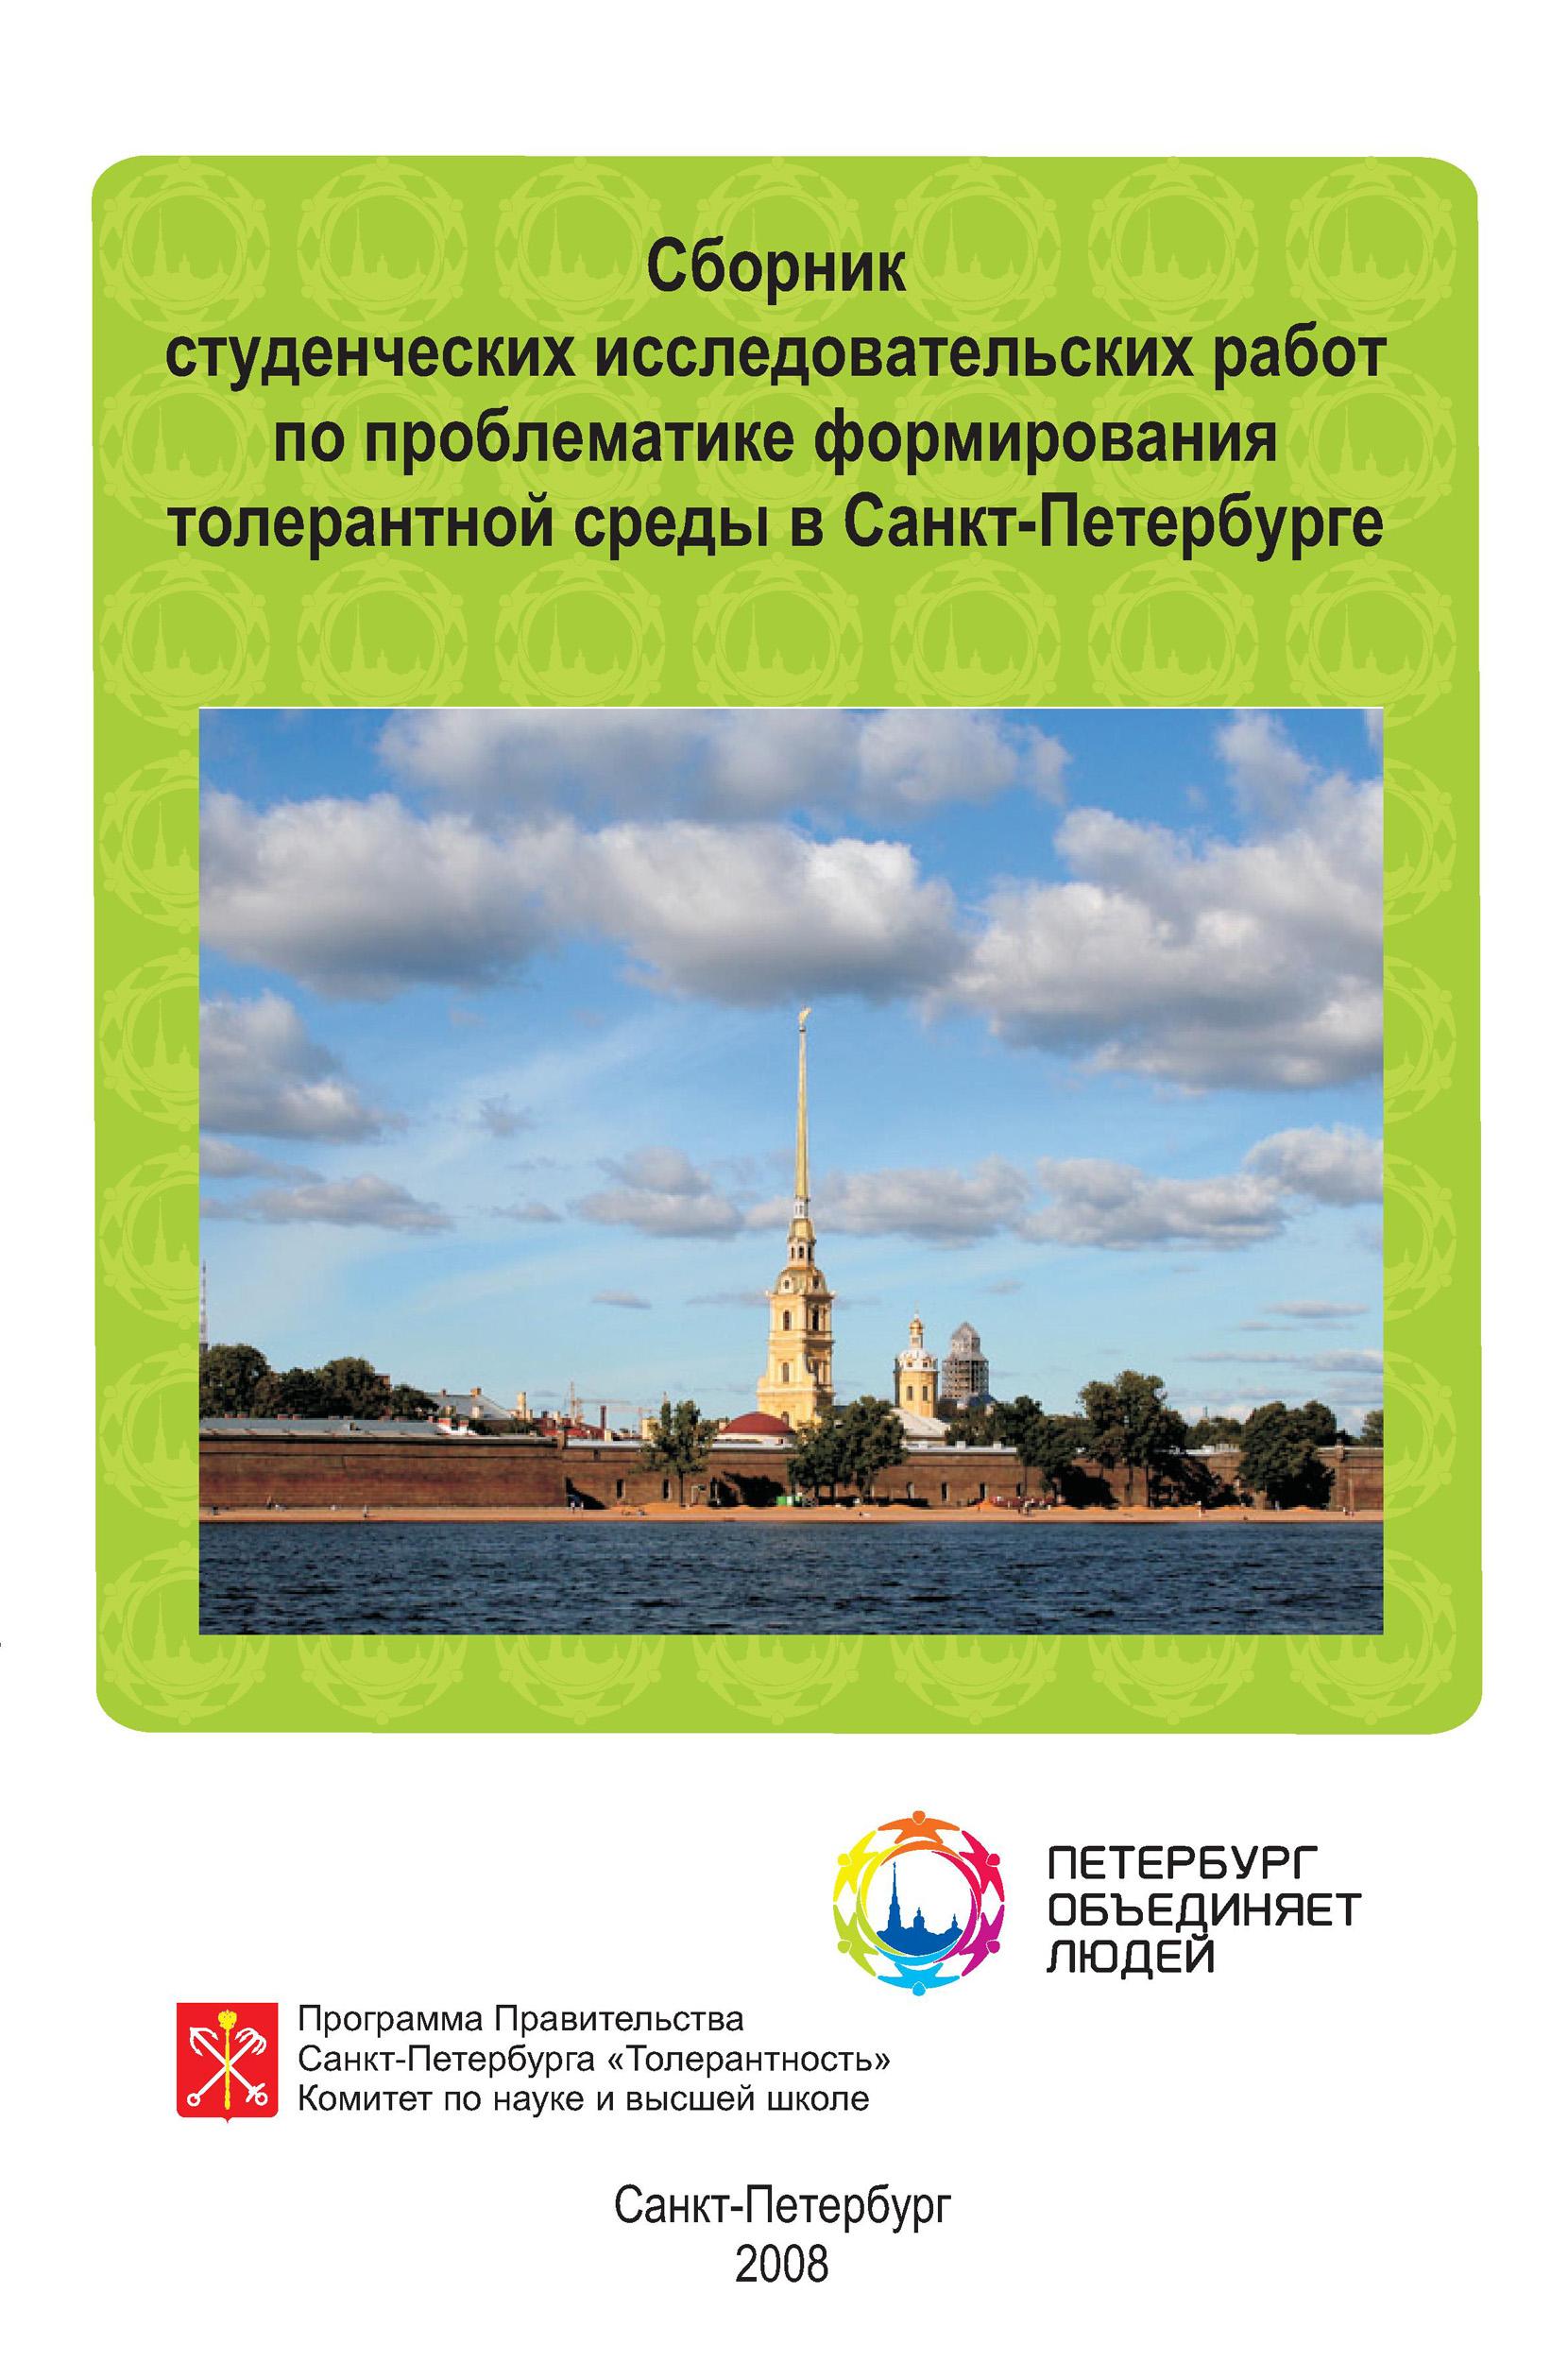 Сборник статей Сборник студенческих исследоательских работ по проблематике формироания толерантной среды -